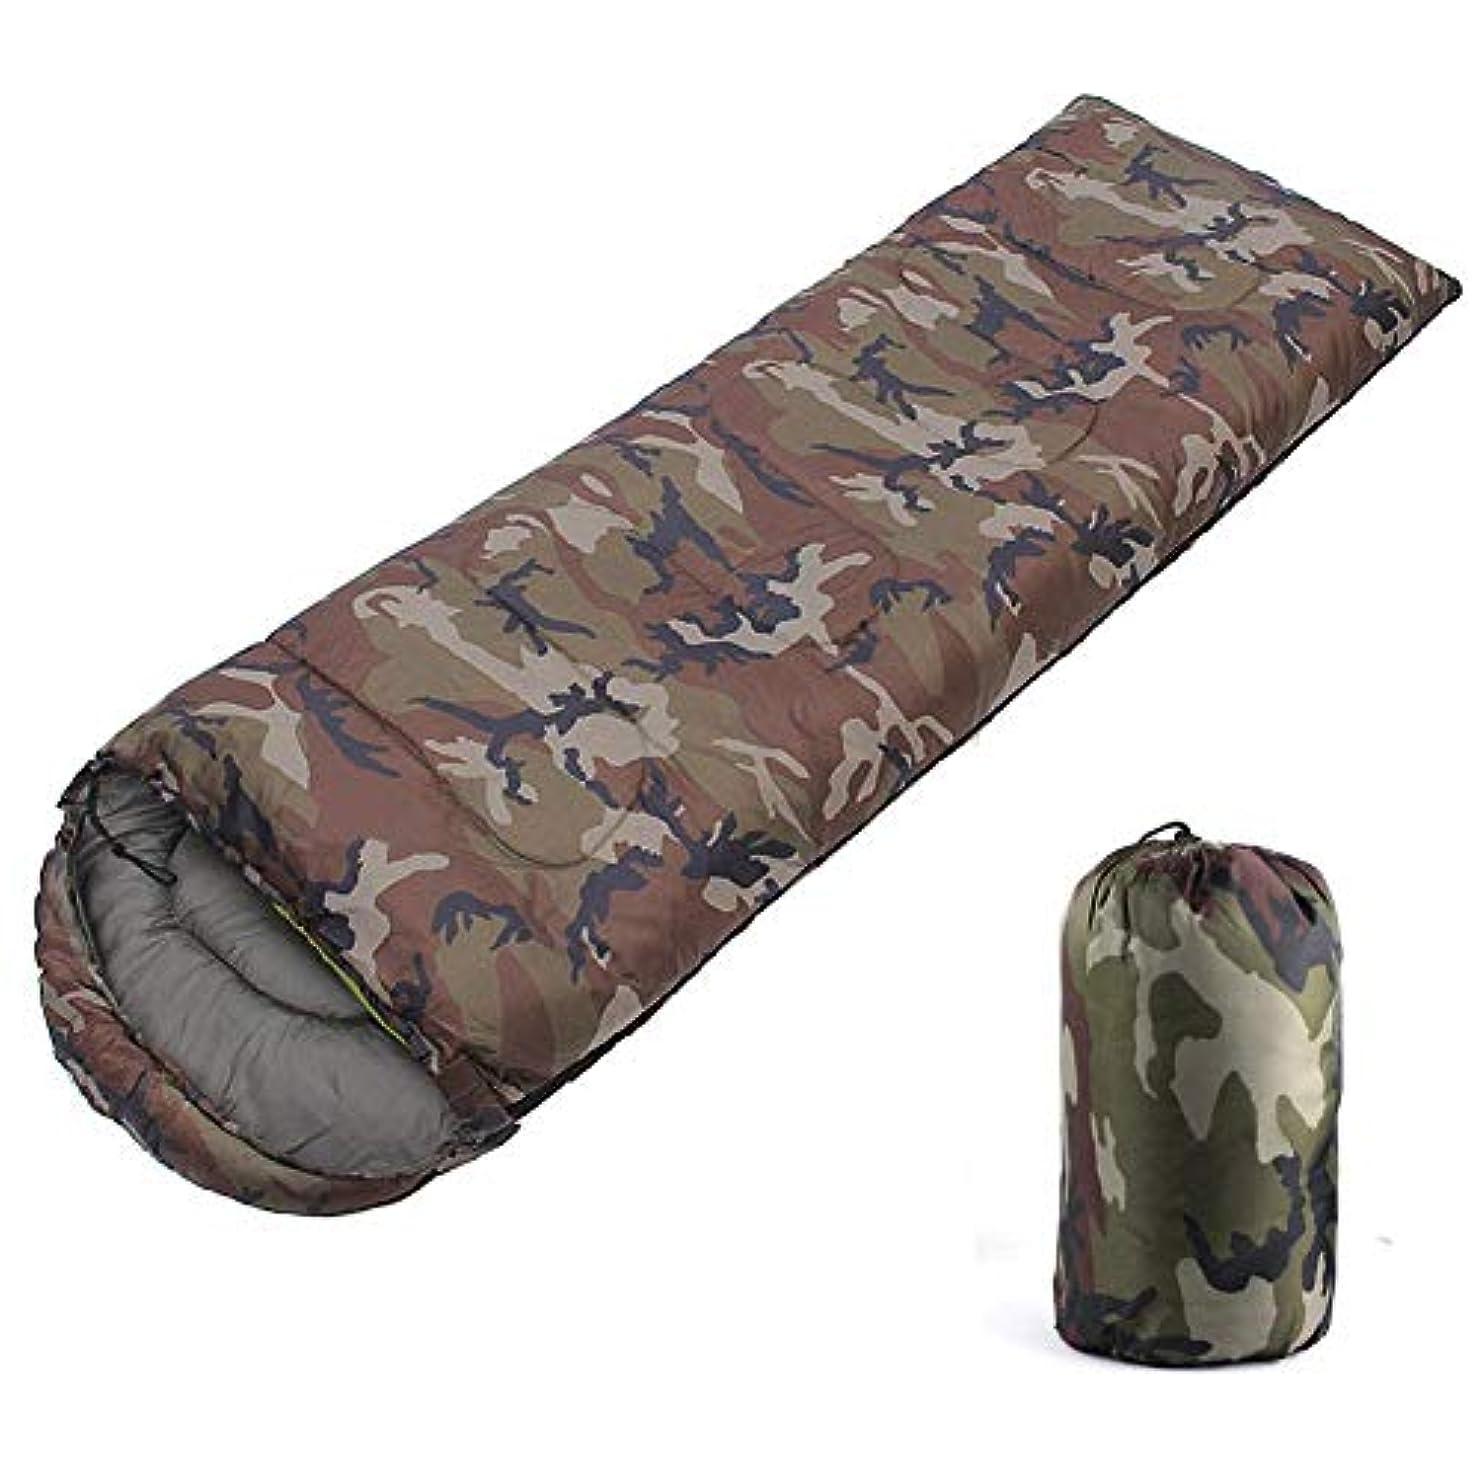 積極的に真実に残忍なEasylifee 寝袋 シュラフ 封筒型 冬用 軽量 防水 コンパクト アウトドア 登山 車中泊 防災用 丸洗い可能 収納袋付き